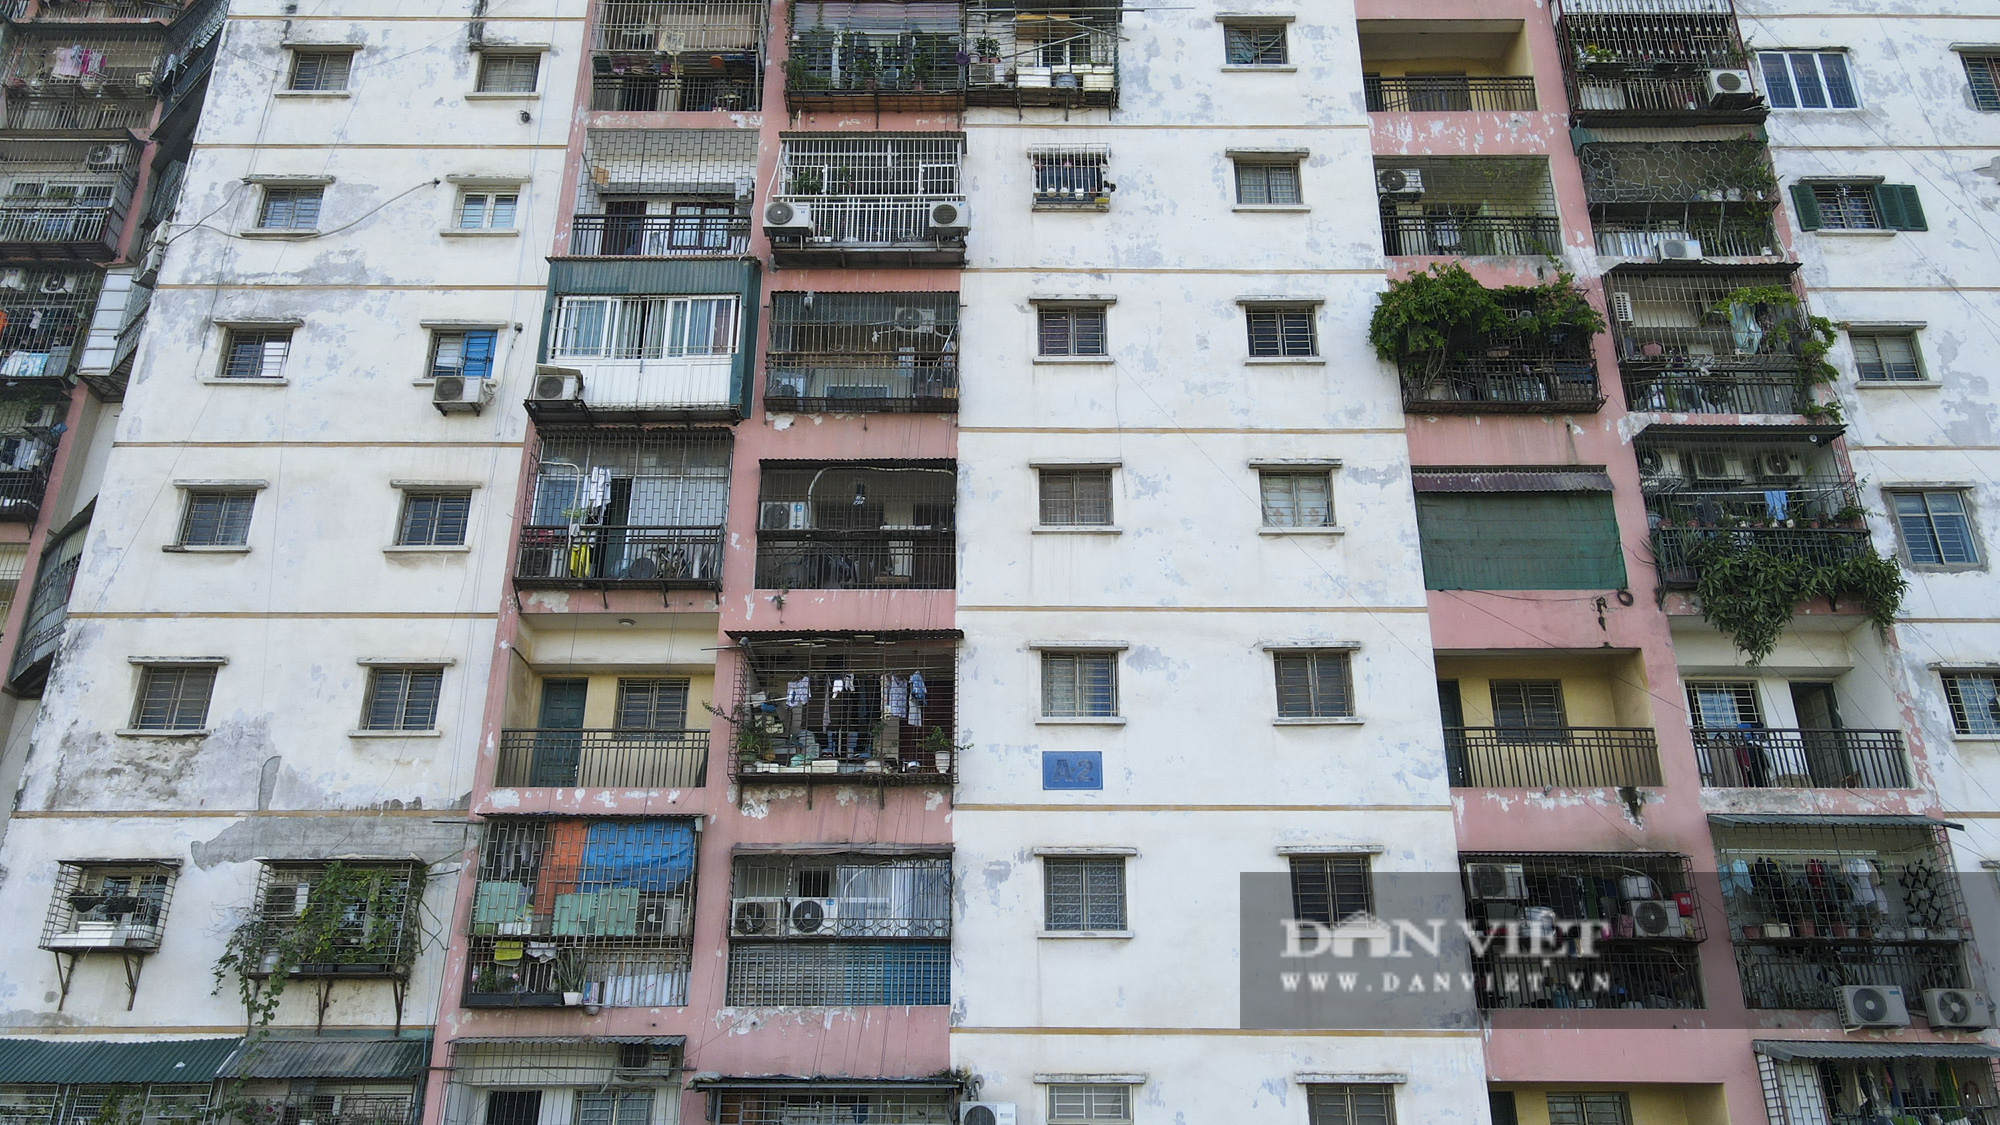 """Phát sợ với """"chuồng cọp"""" khổng lồ lủng lẳng ở những chung cư cao tầng Lĩnh Nam - Ảnh 6."""